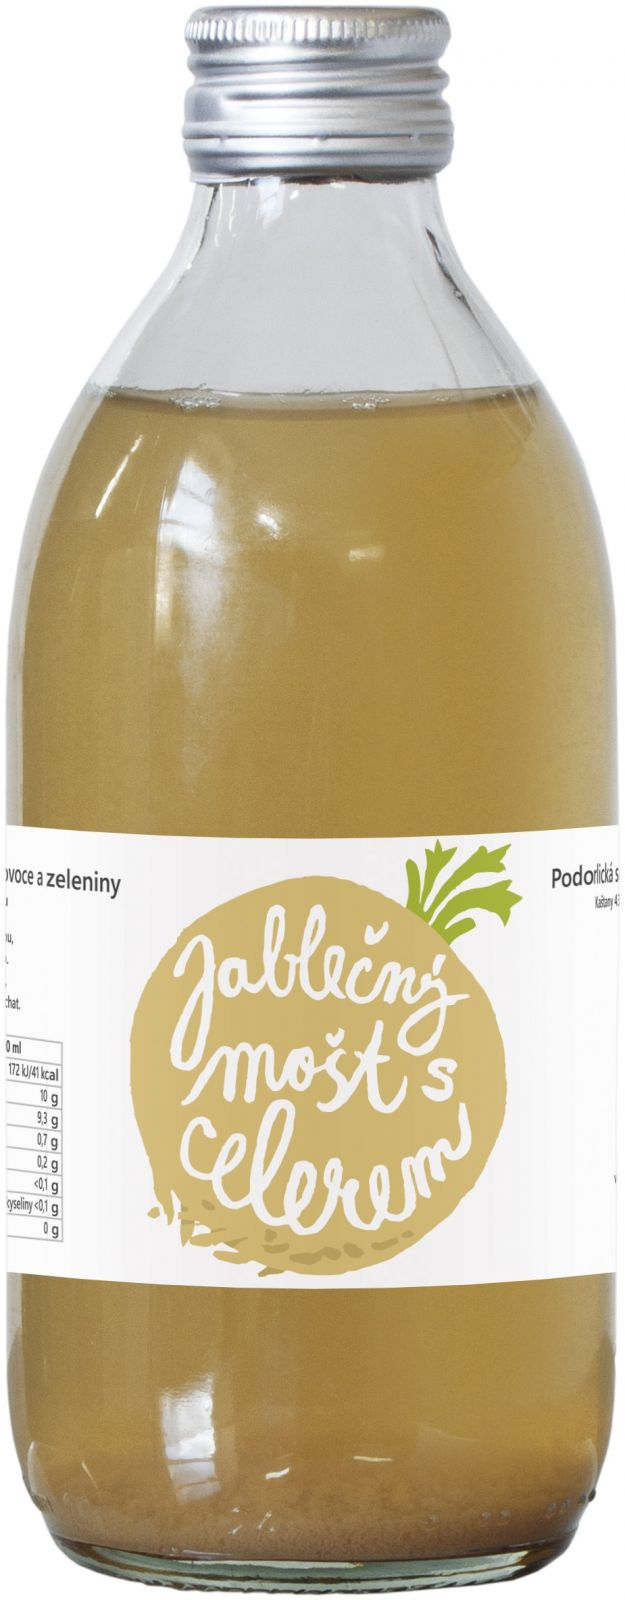 100% mošt Jablko celer 0,33lt - Celer působí příznivě na činnost ledvin, jater, žaludku. Doporučuje se při obezitě, neboť urychluje látkovou výměnu a působí i jako zdraví neškodné afrodisiakum Podorlická sodovkárna Rychnov n/ Kněžnou